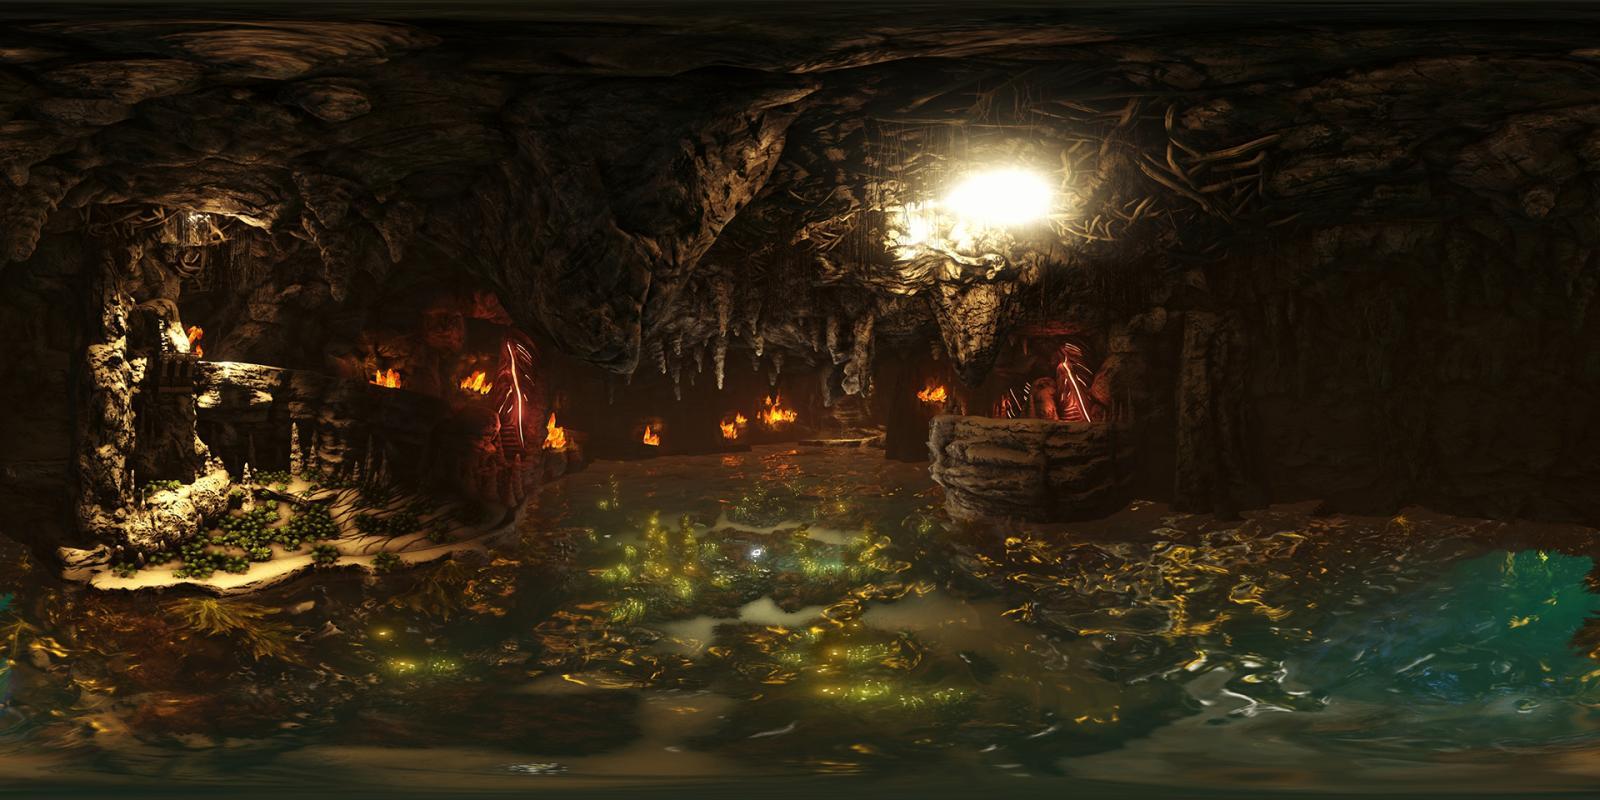 Где спрятаны короли в раймоне в подводном мире